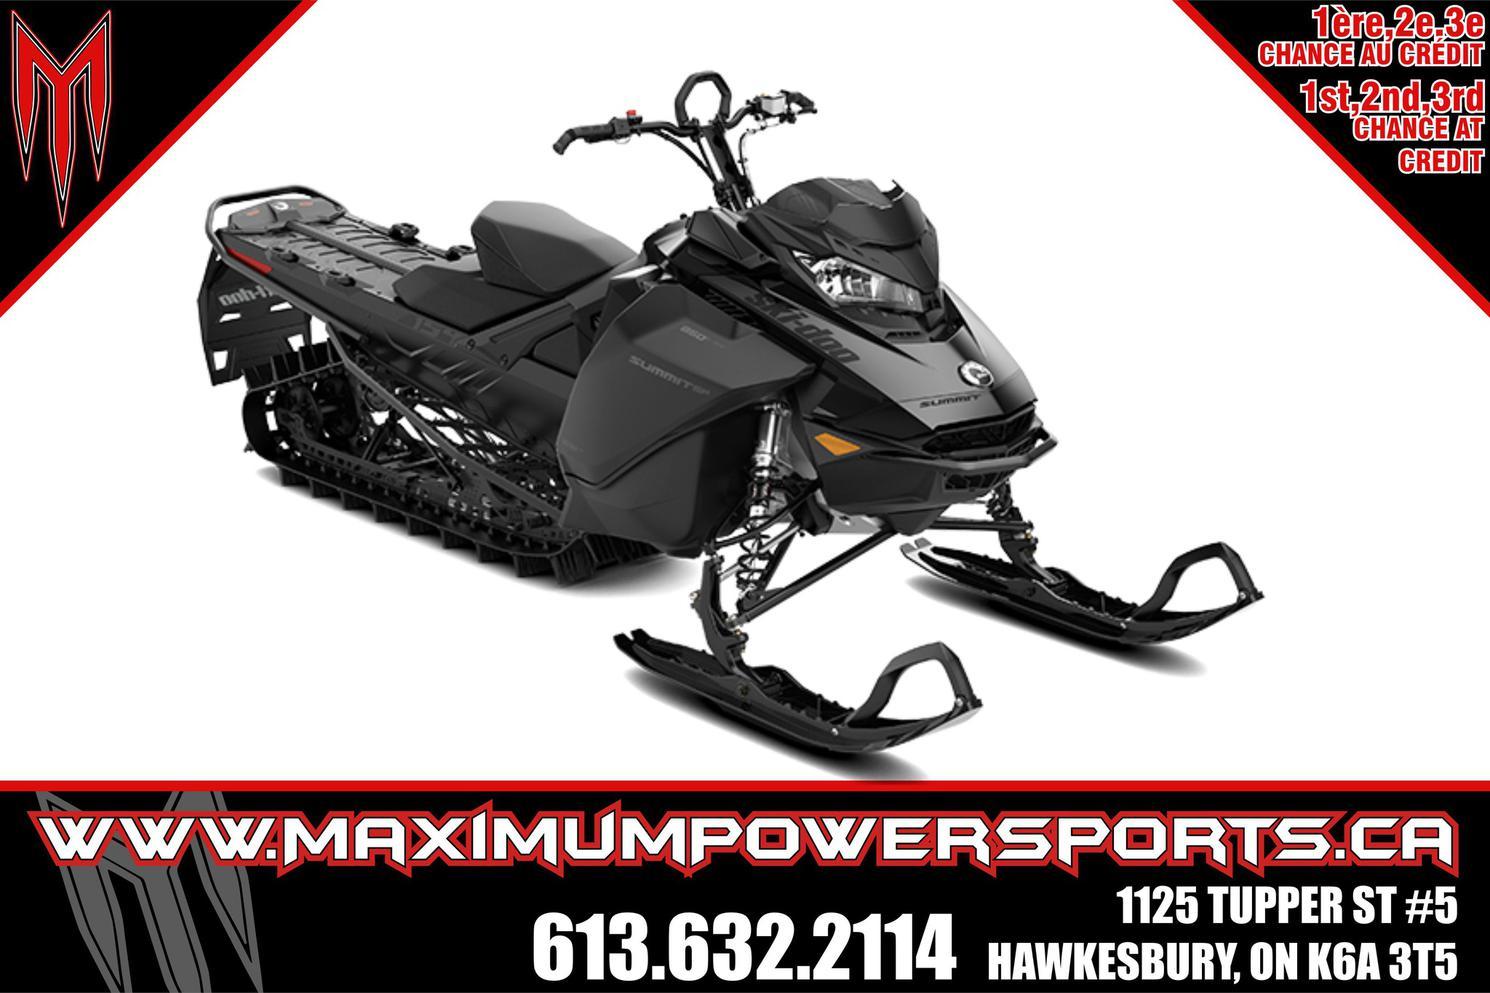 2022 Ski-Doo SUMMIT SP 154 850 E-TEC POWDERMAX LIGHT FLEXEDGE - SUMMIT SP 154 850 E-TEC POWDERMAX LIGHT FLEXEDGE 2.5 E.S.